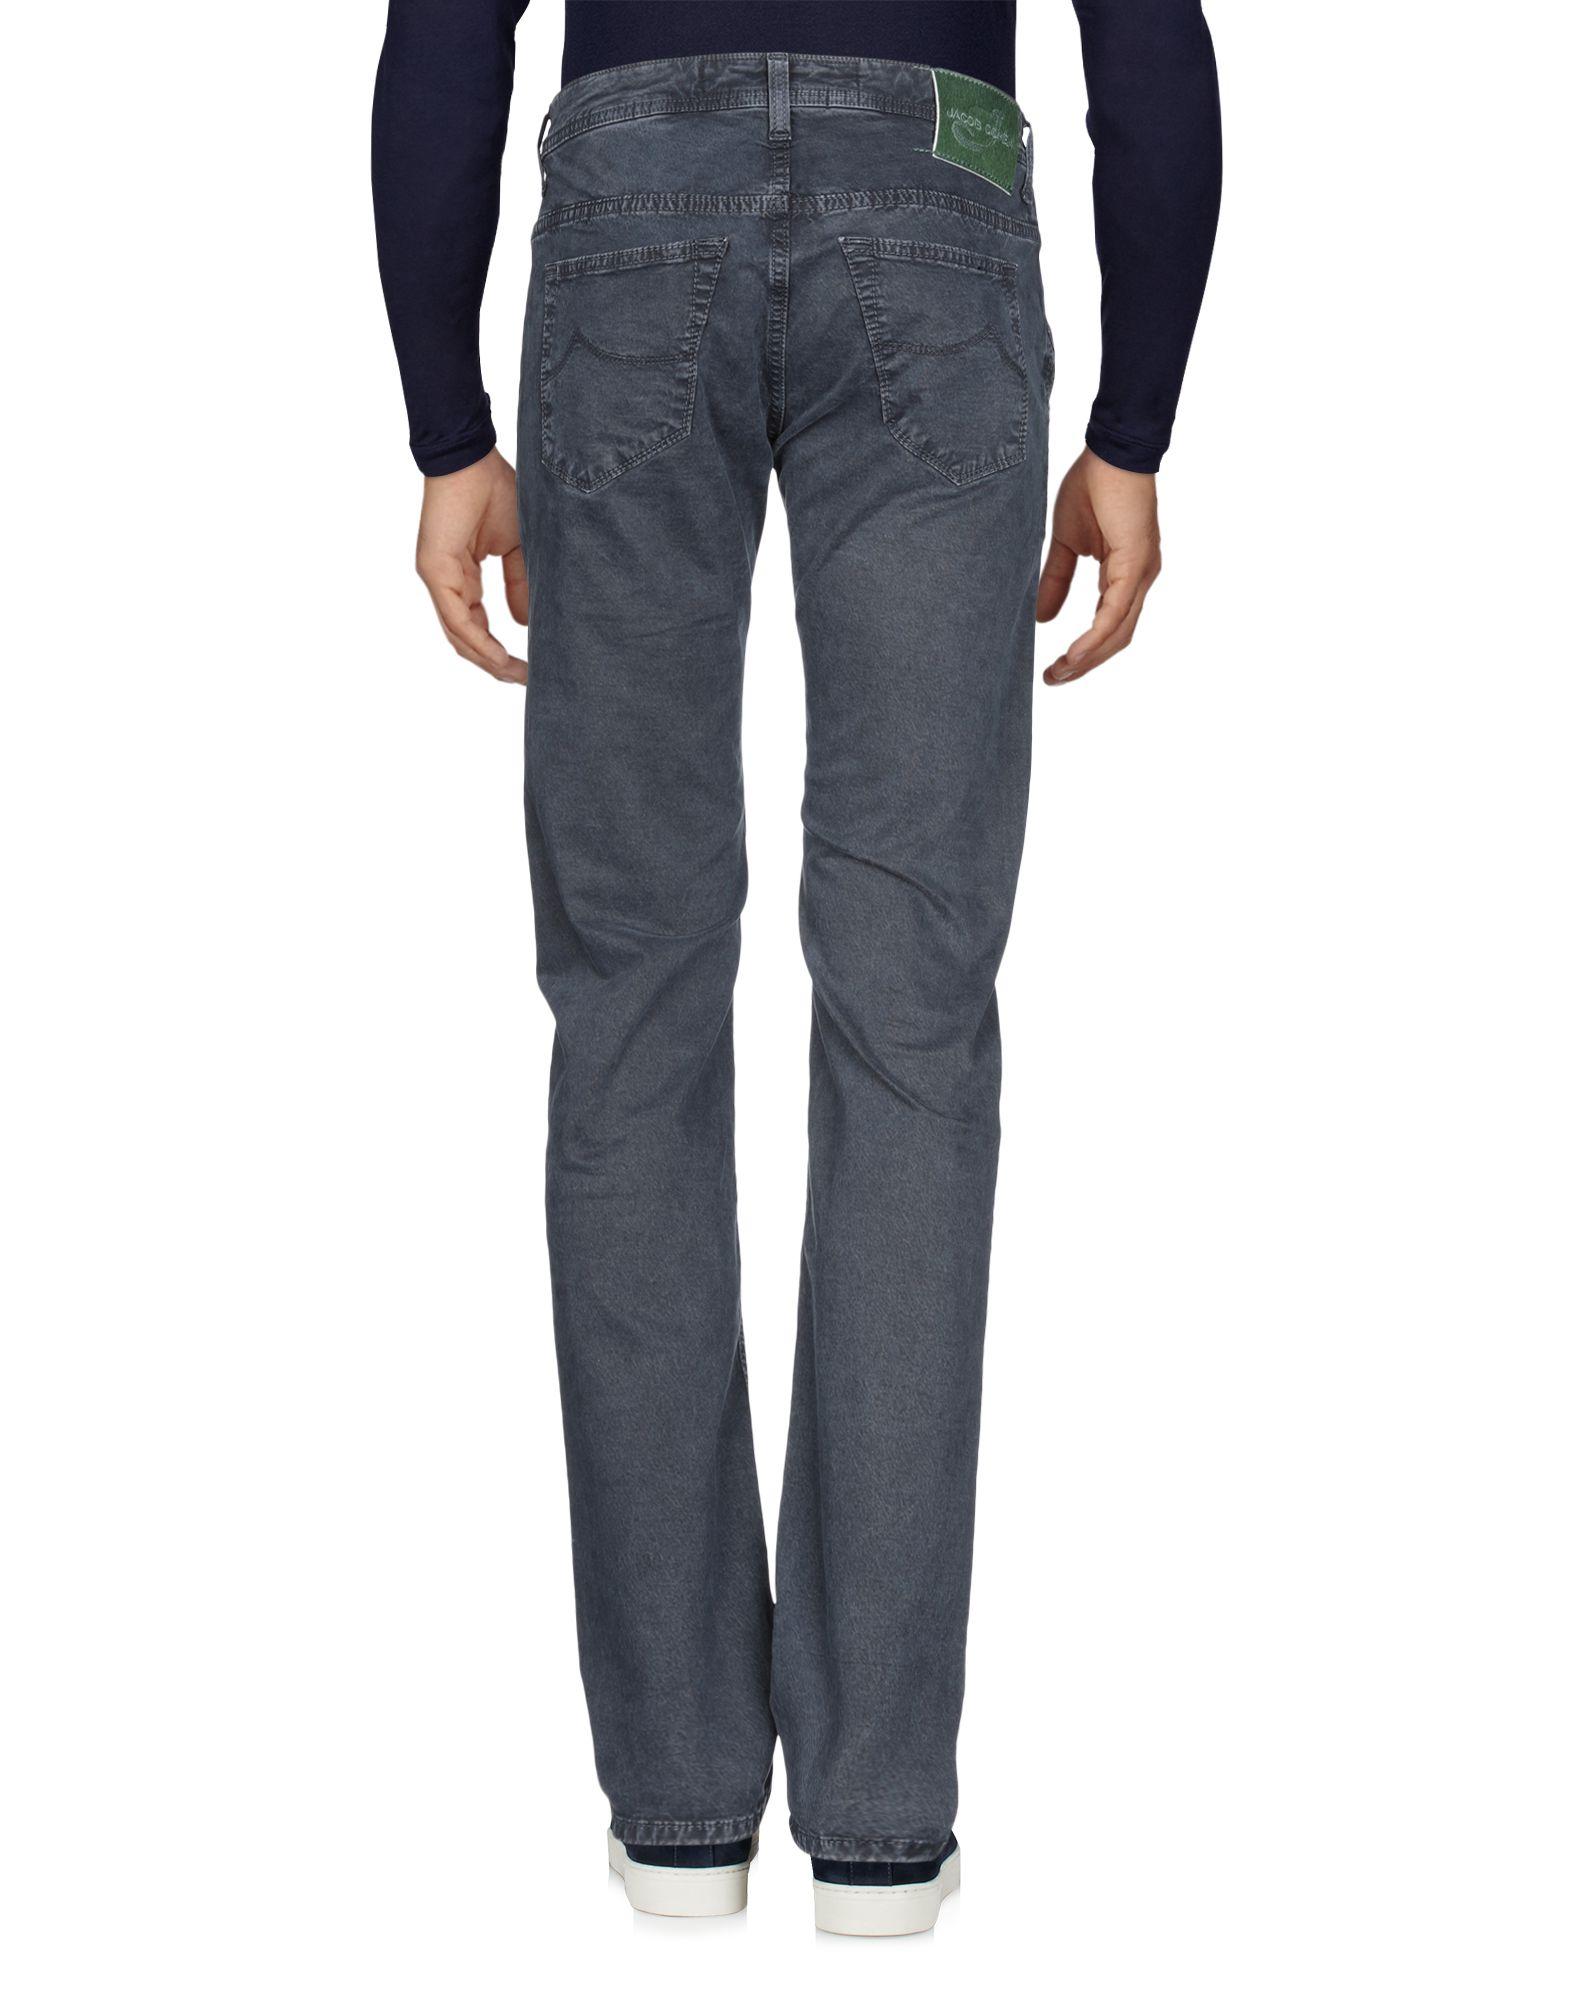 Pantaloni 13215893CI Jeans Jacob Cohёn Uomo - 13215893CI Pantaloni d82fc5